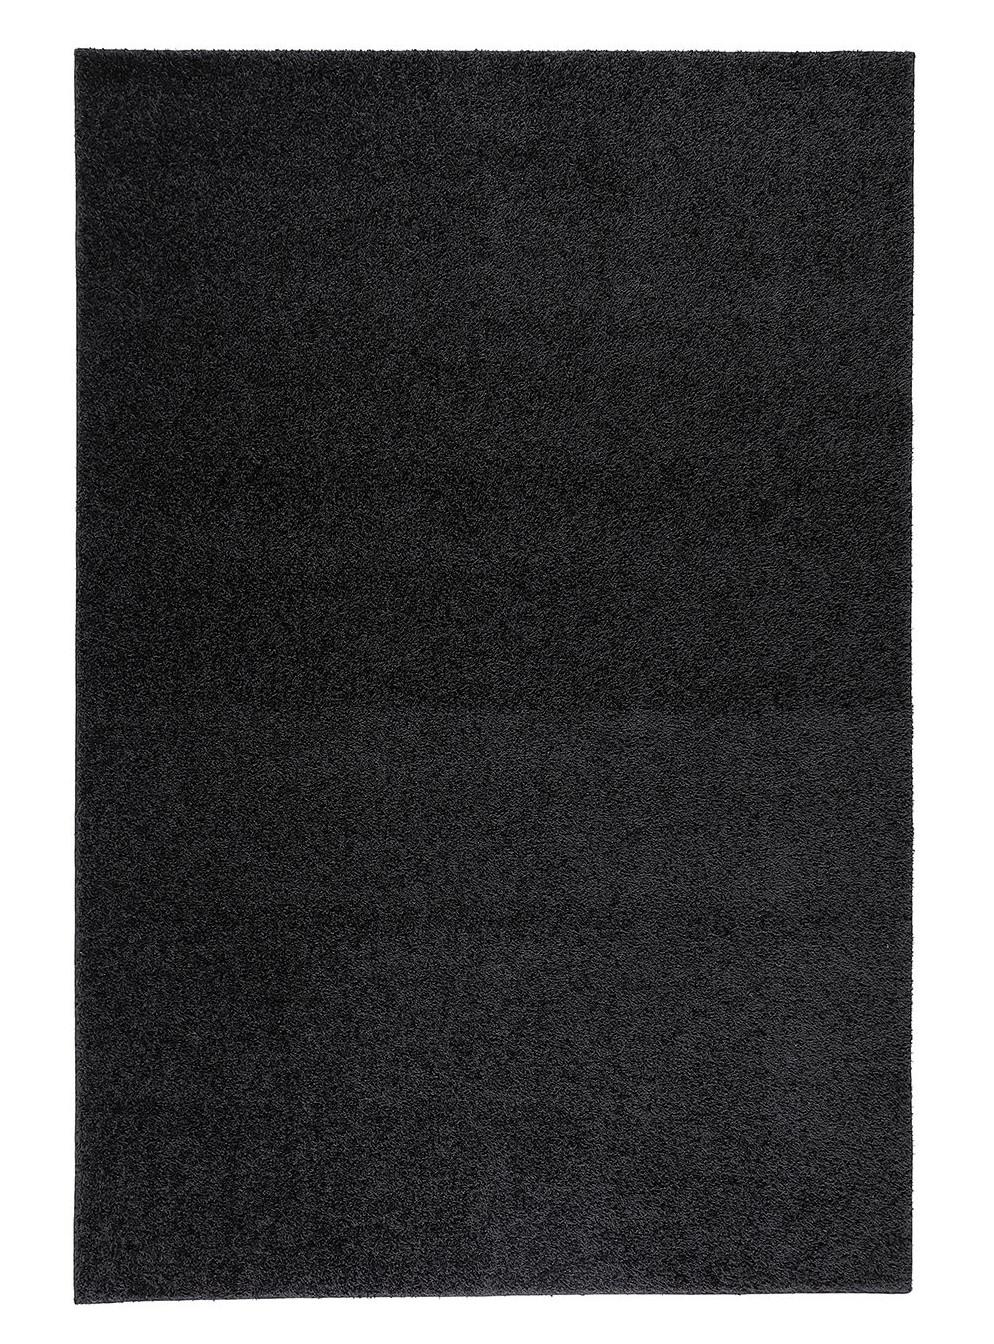 VM Carpet Tessa matto 2165 musta